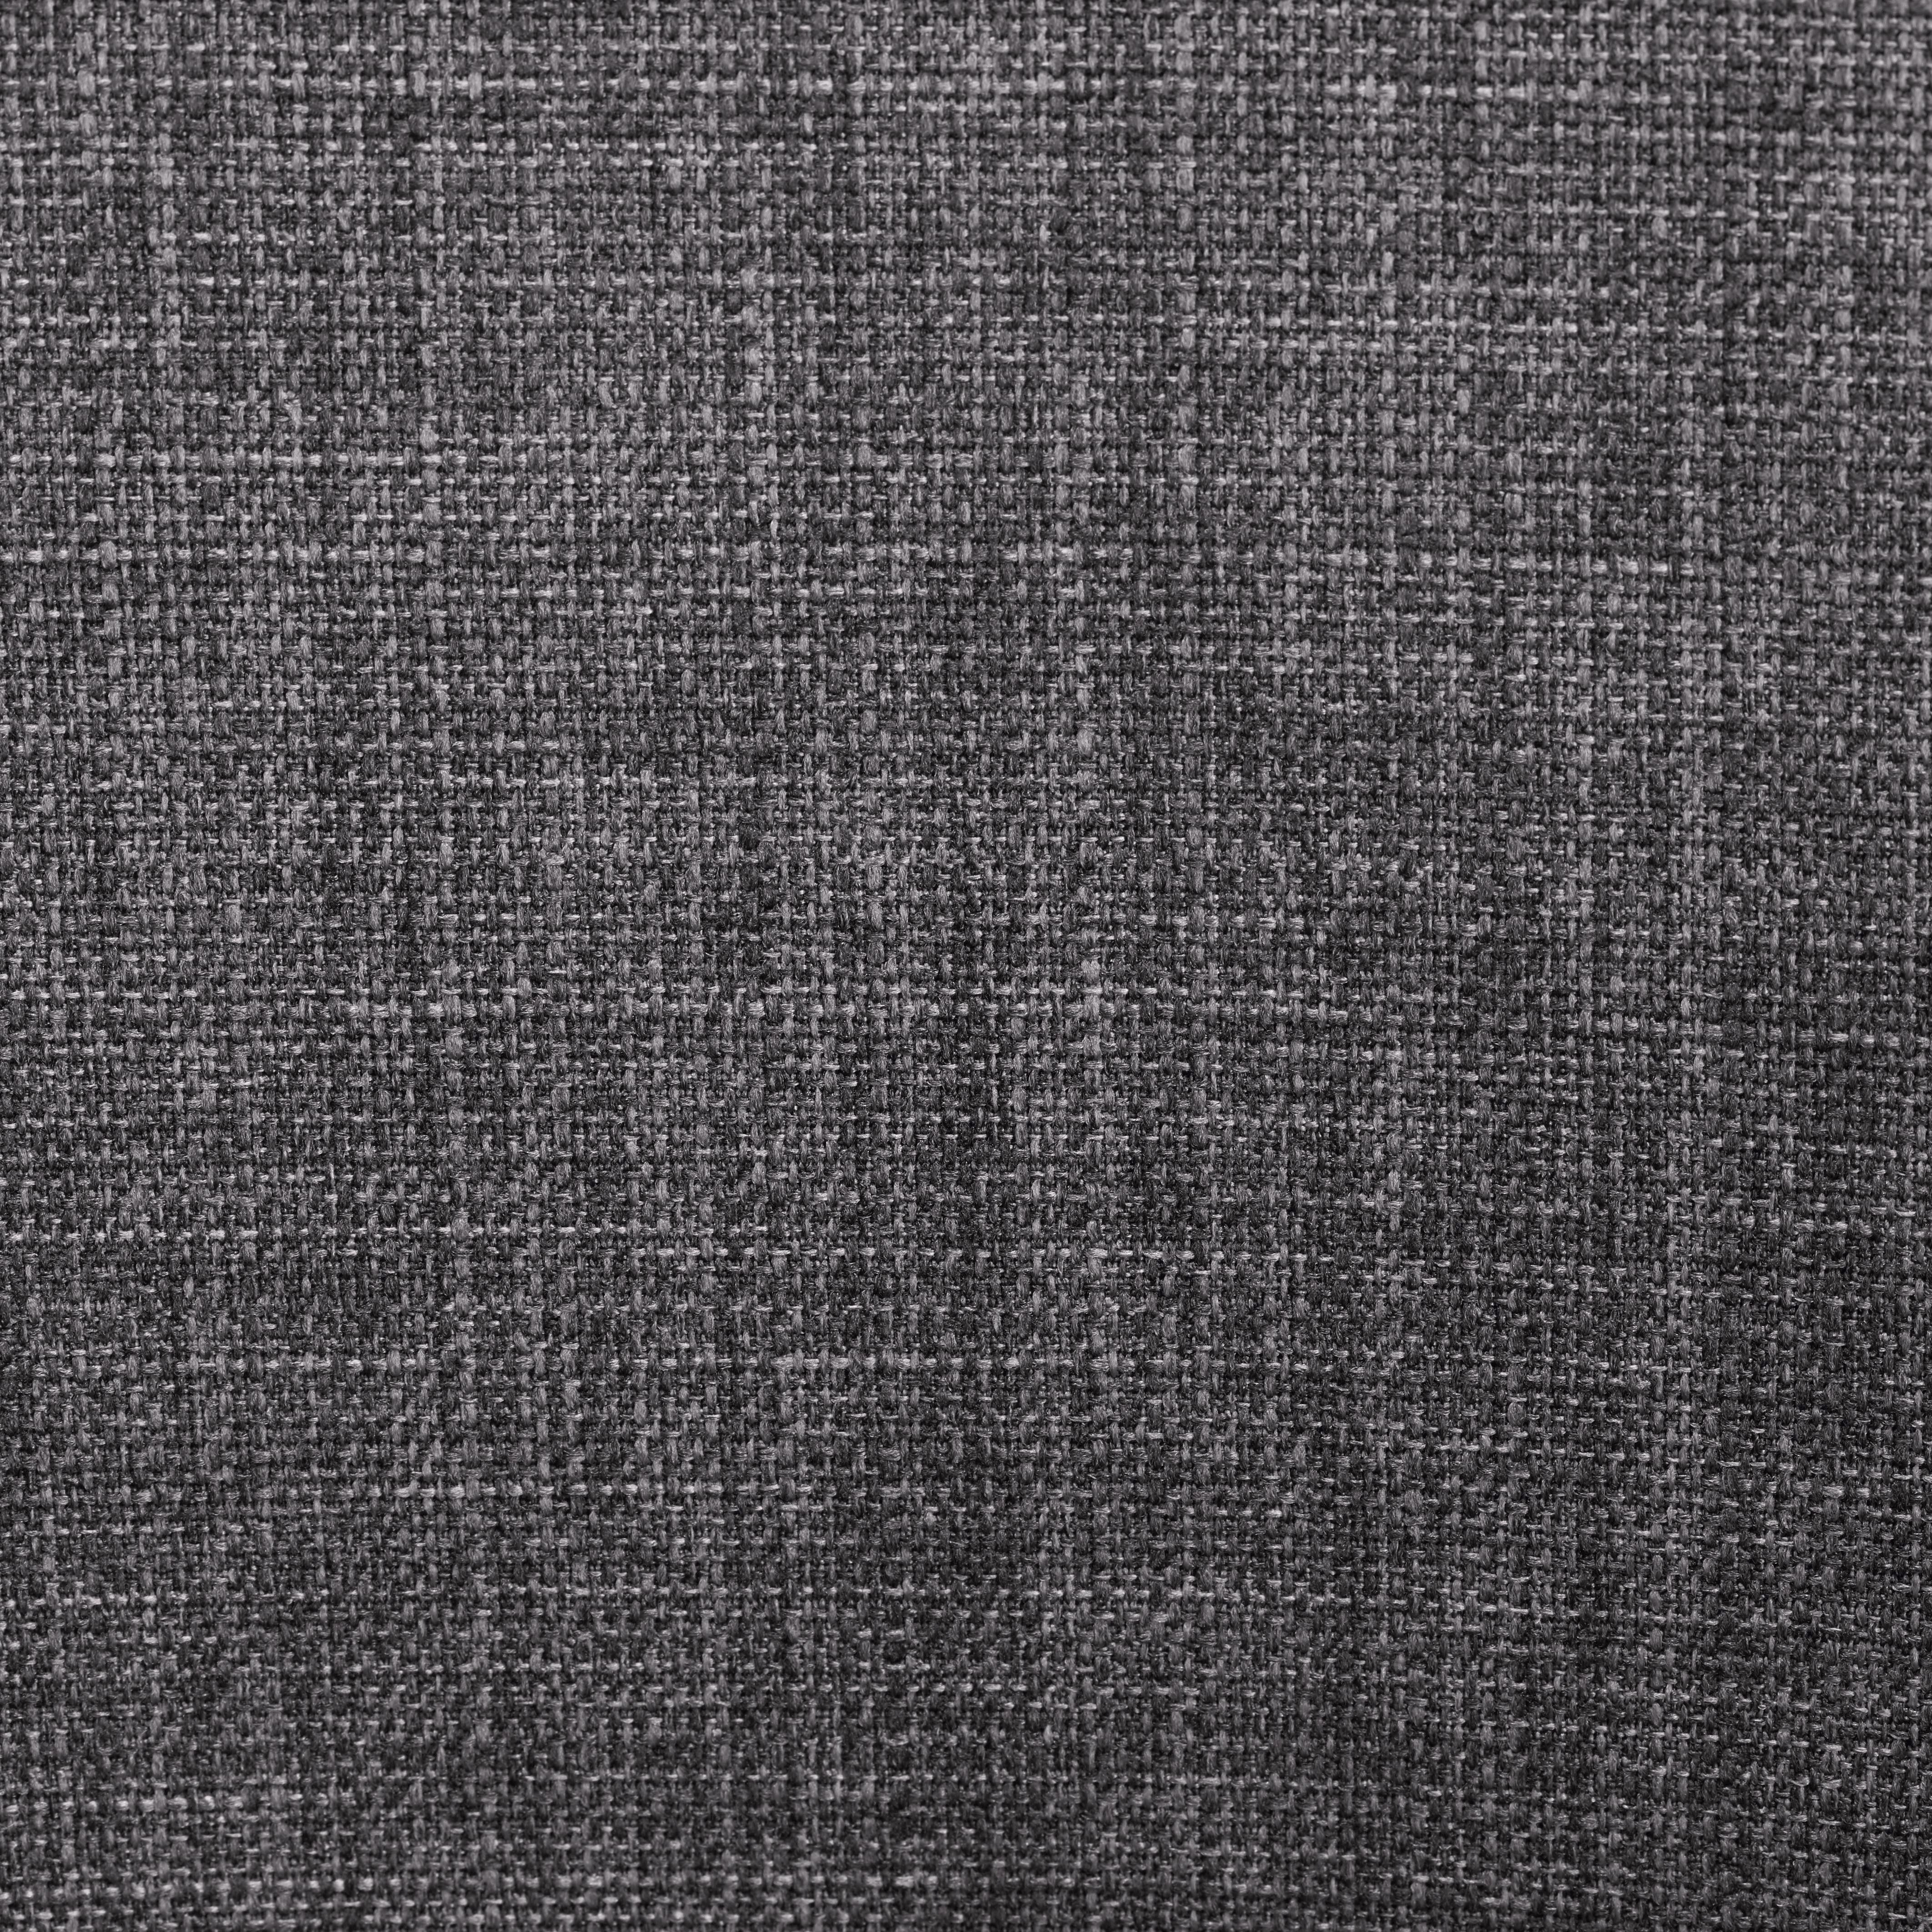 Armlehnstuhl Milenka - Grau, MODERN, Textil/Metall (58/86/60cm) - MODERN LIVING